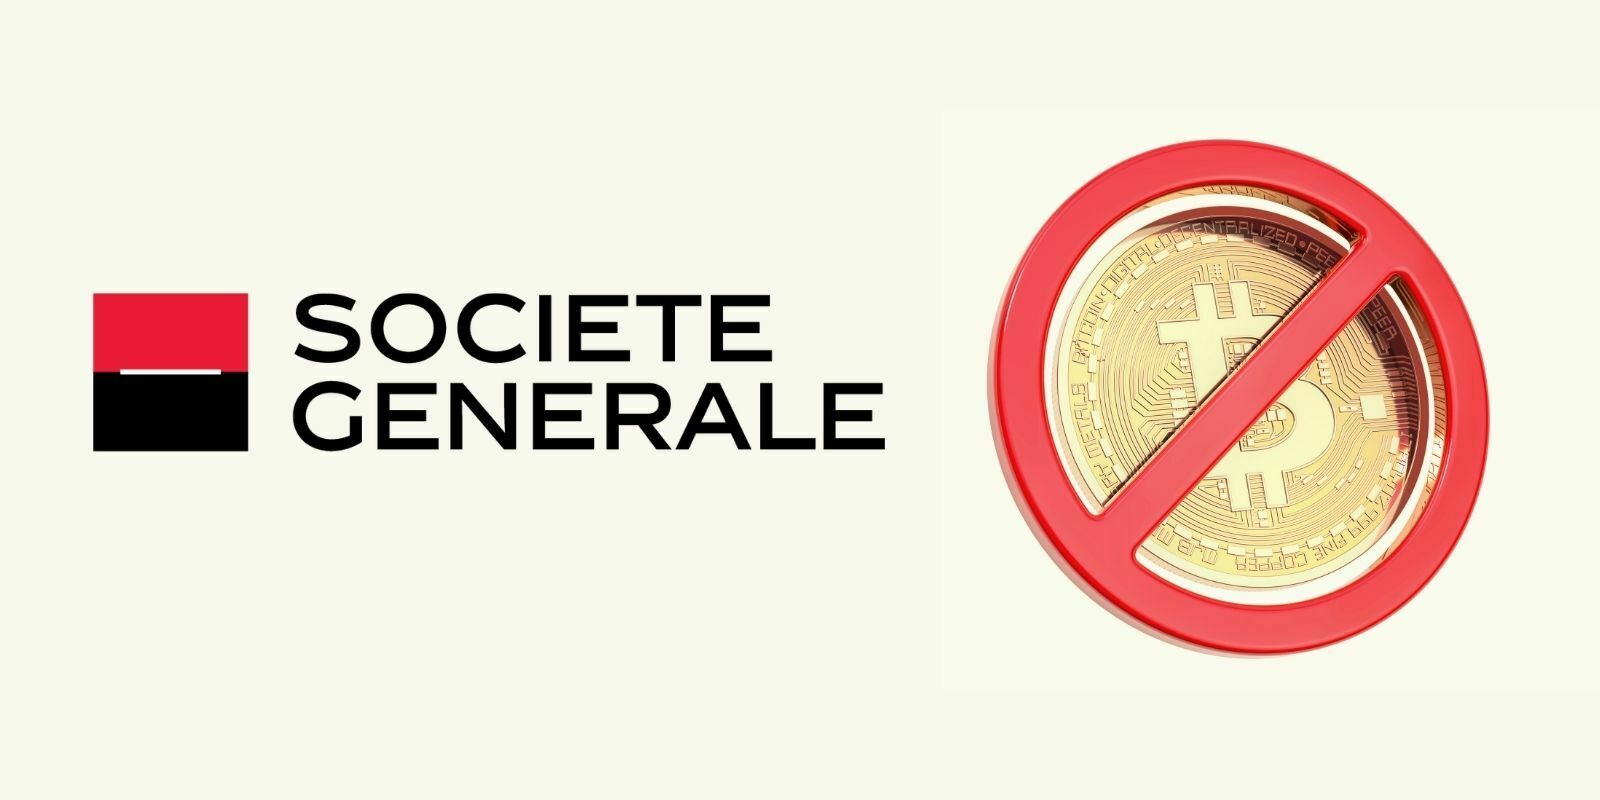 Selon la Société Générale, la place du Bitcoin dans un portefeuille « demeure très contestée »